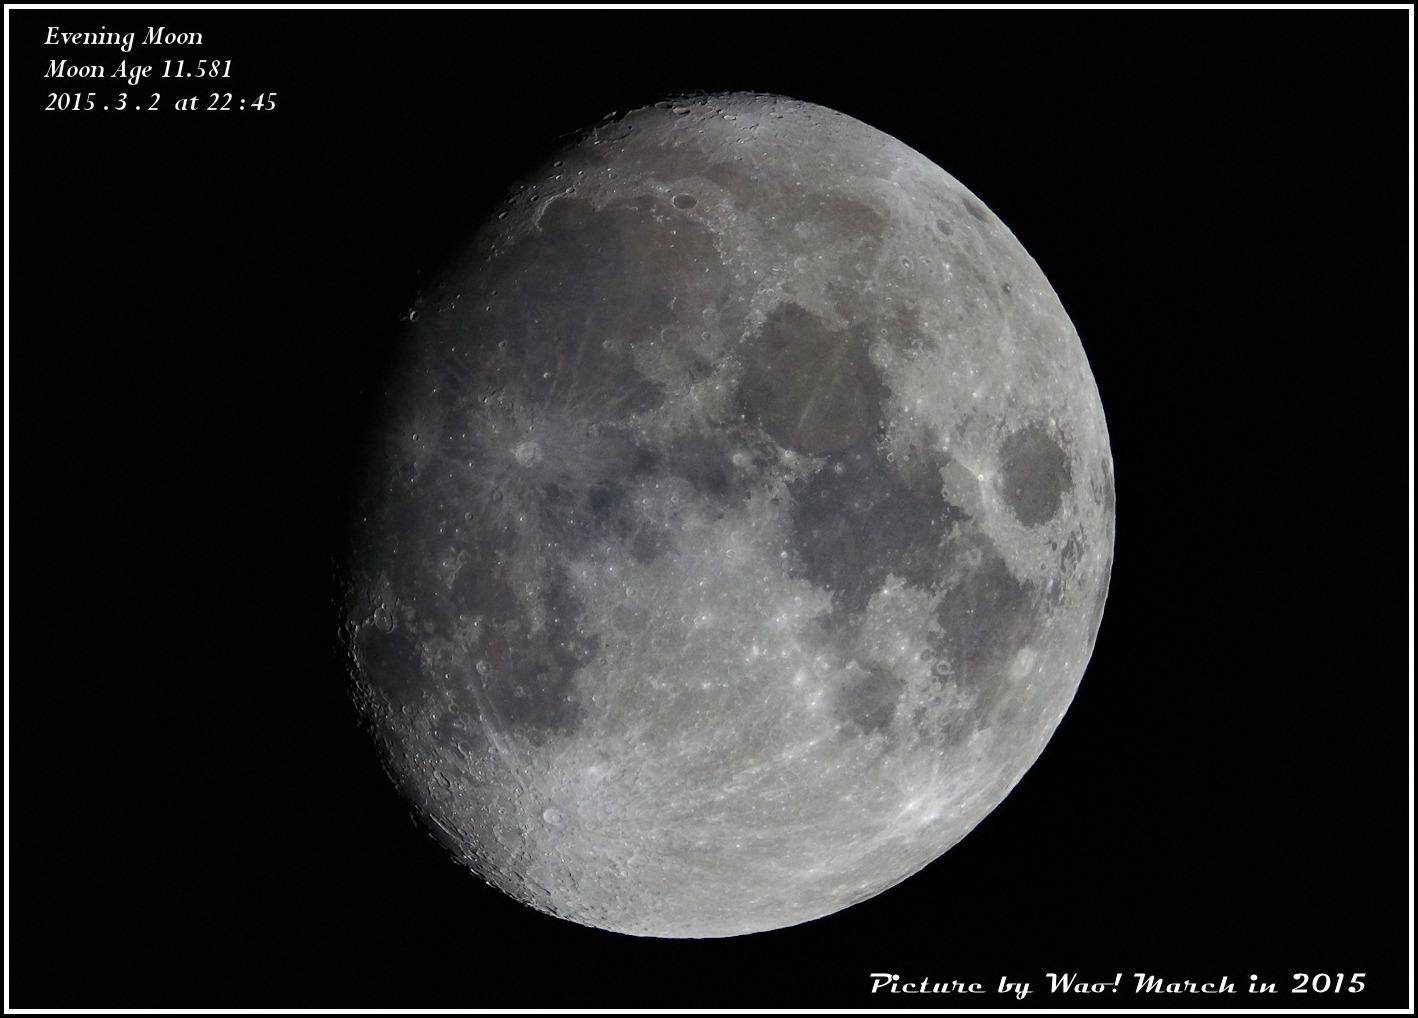 宵月 月齢11.581_c0198669_23252825.jpg